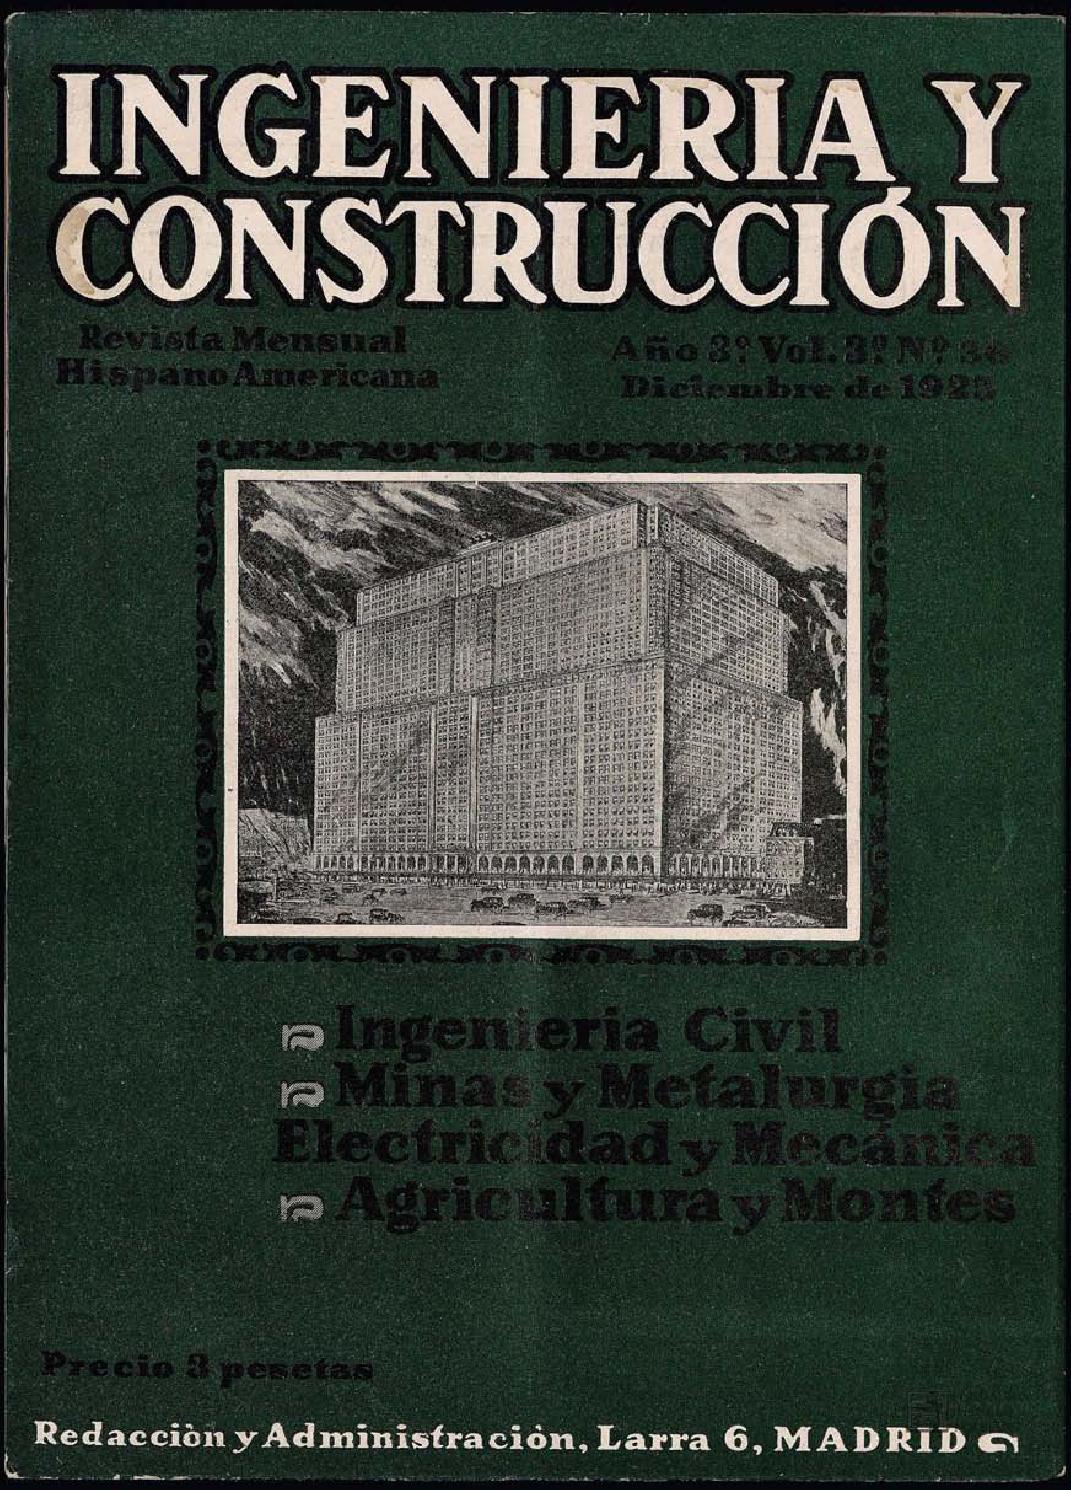 Revista Ingeniería y construcción - Diciembre 1925 by FUNDACIÓN JUANELO  TURRIANO - issuu fdb29d5ed0a8